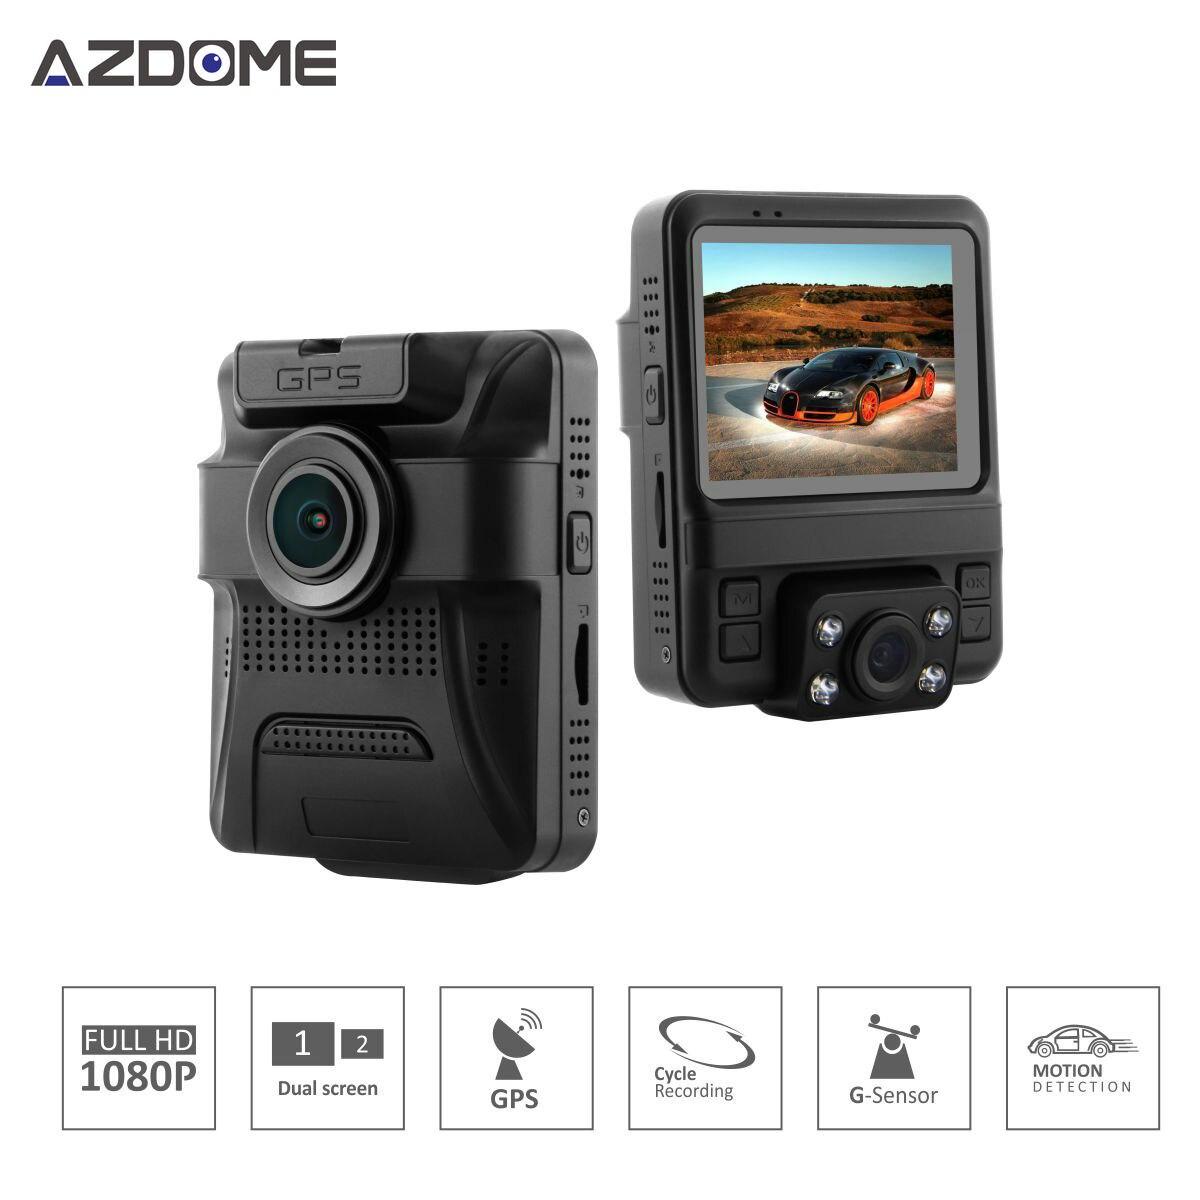 """imágenes para Azdome GS65H Original Mini Coche Dual DVR 2.4 """"Novatek 96655 Coches Cámara 1920x1080 P Visión Nocturna de Hd Leva de la Rociada GPS Incorporado"""